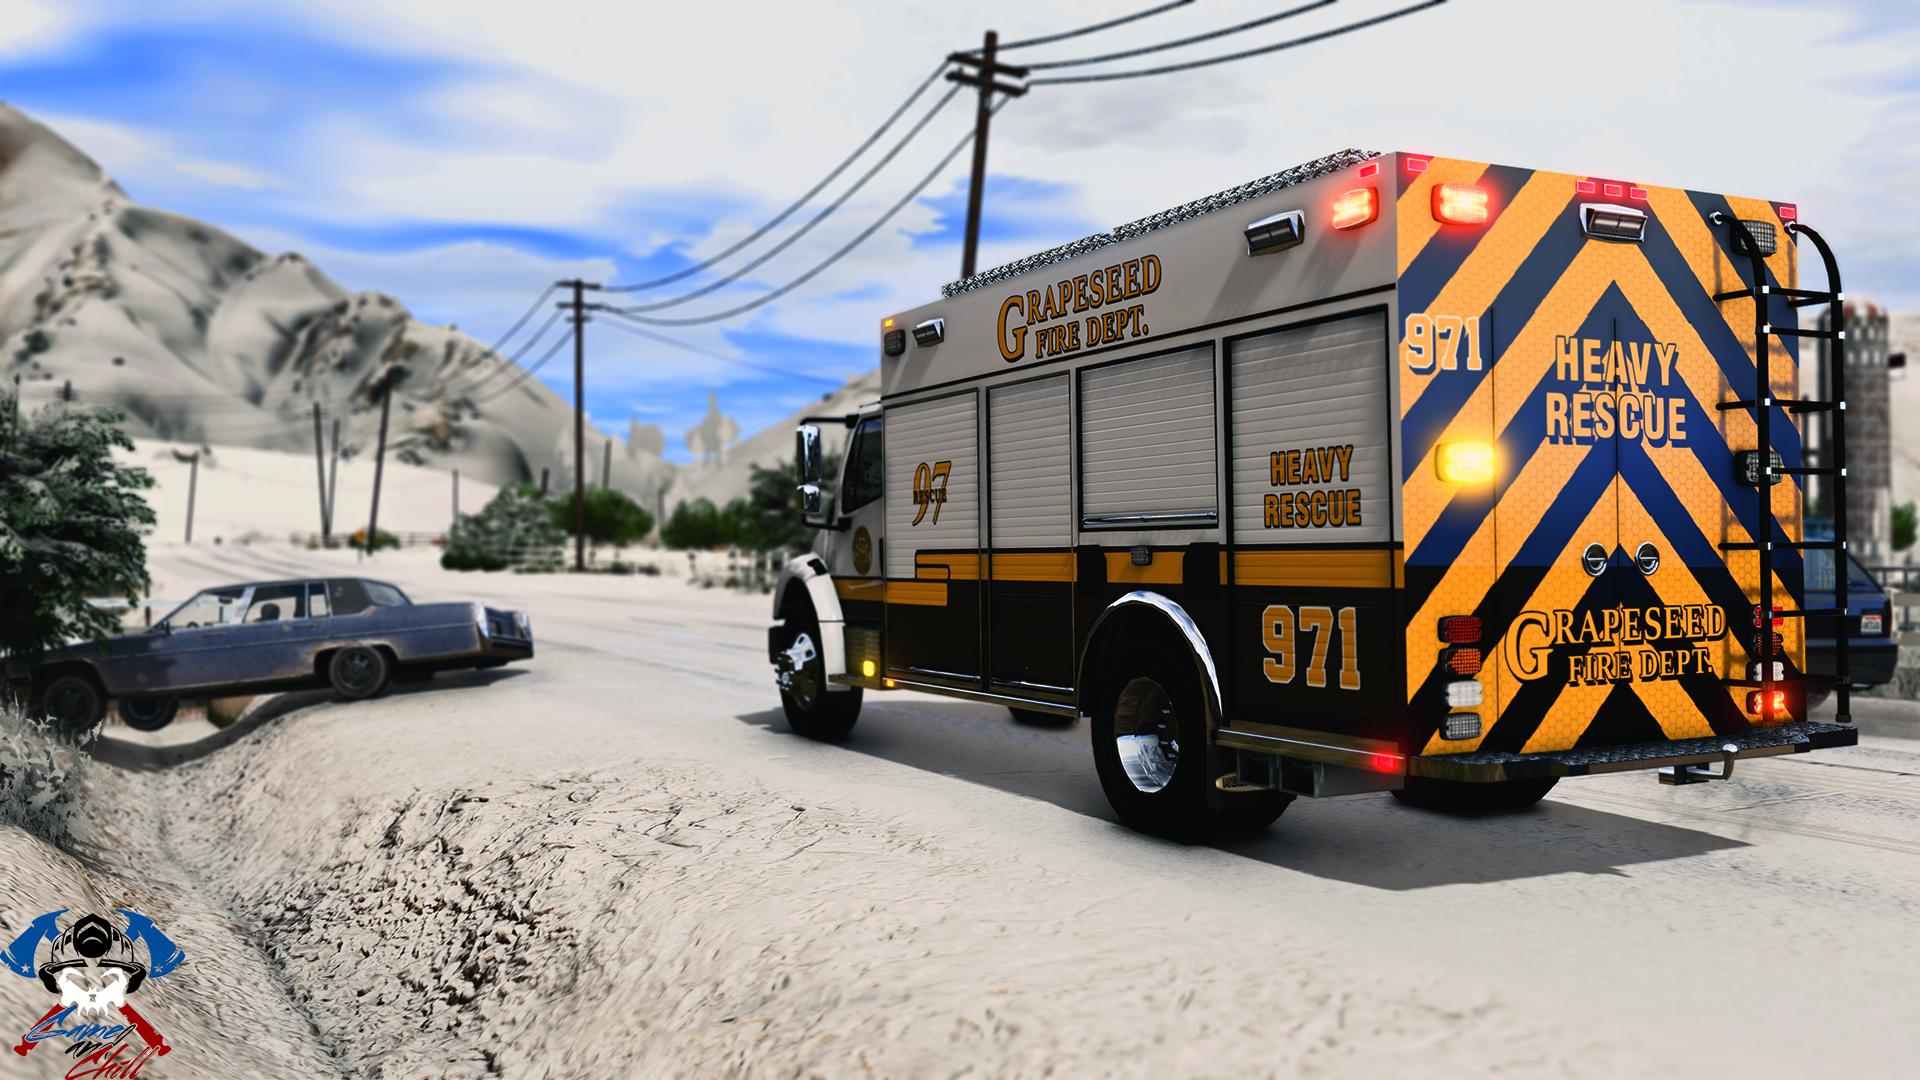 Grand_Theft_Auto_V_Screenshot_2019_12.31_-_00_36_57_38.png.e2ec4ac33a954803fbc6001d8c3bcbde.png